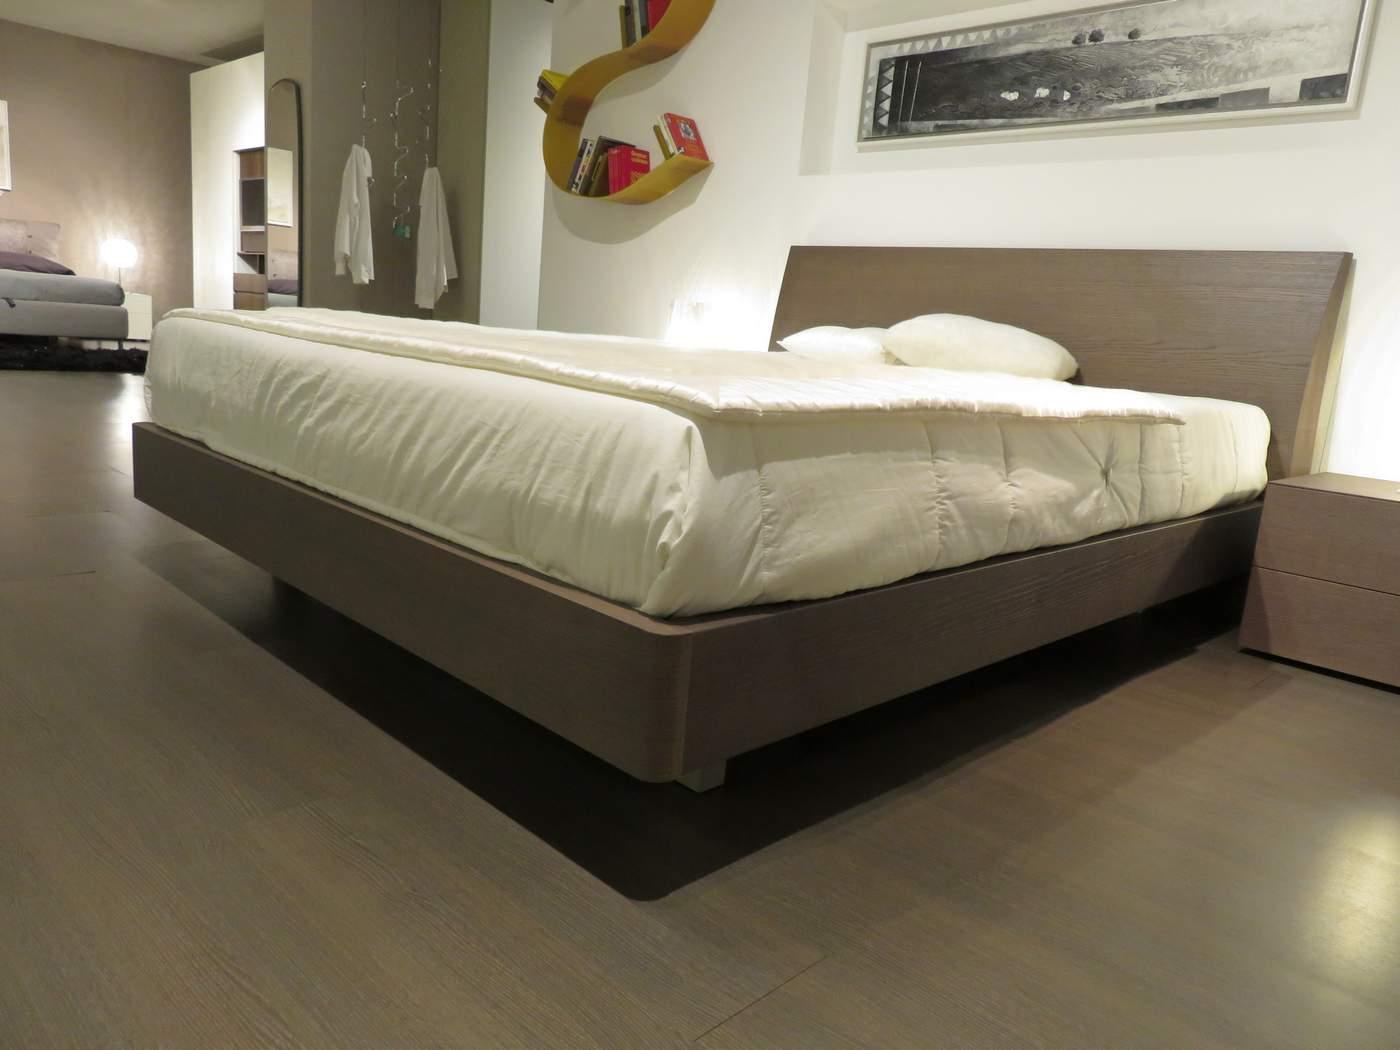 letto a prezzo outlet modello Regio in legno rovere tinto cenere in vendita da da Carminati e Sonzogni a Zogno Bergamo